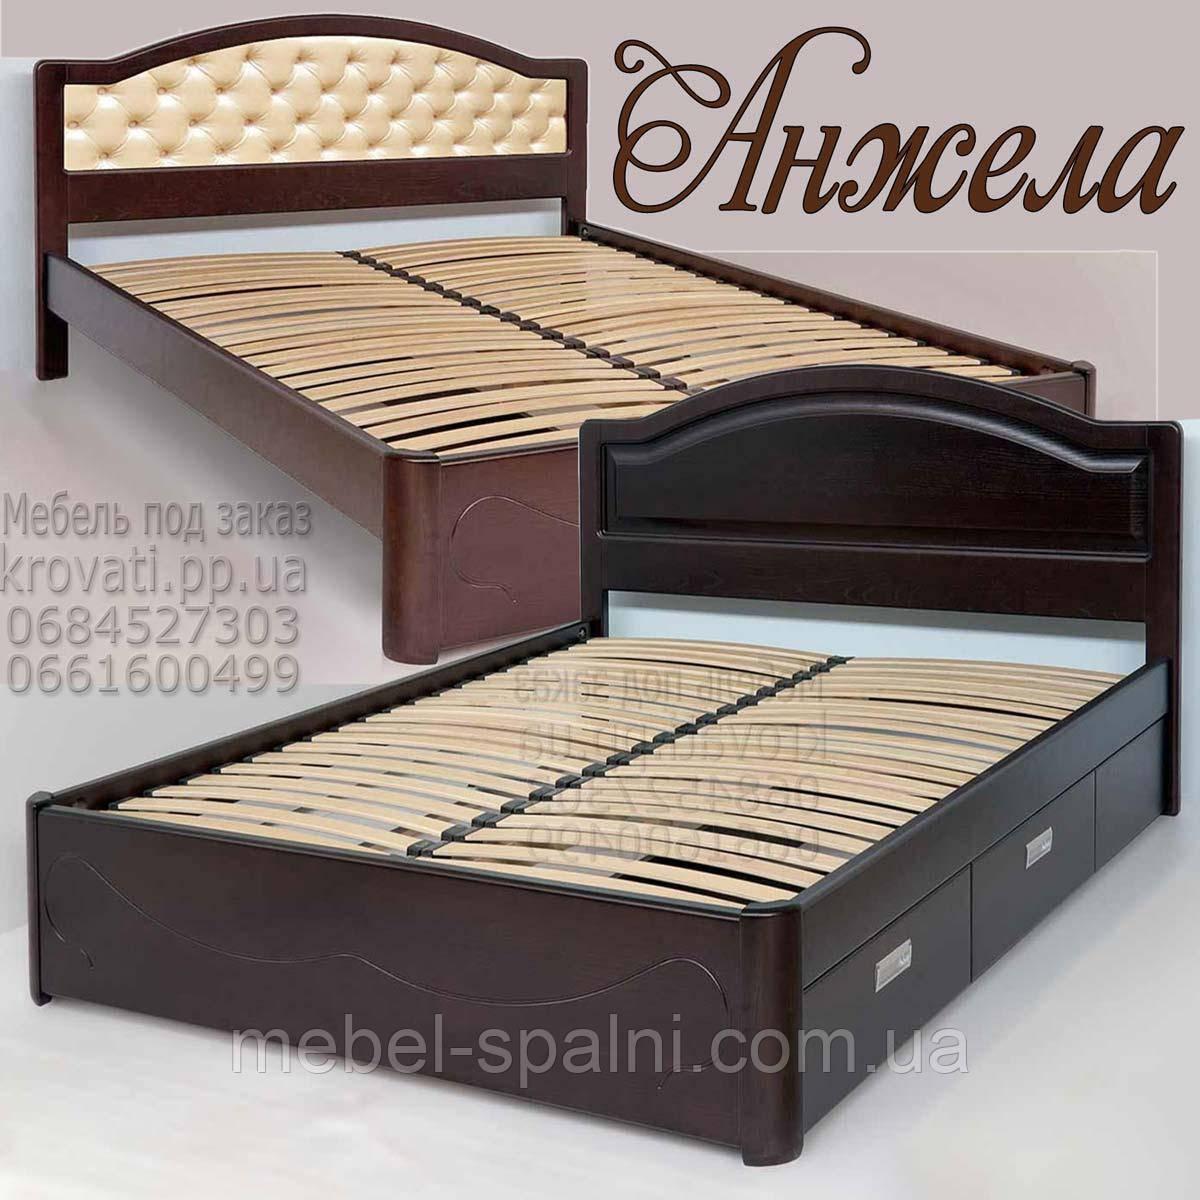 Кровать с матрасом деревянная «Анжела»